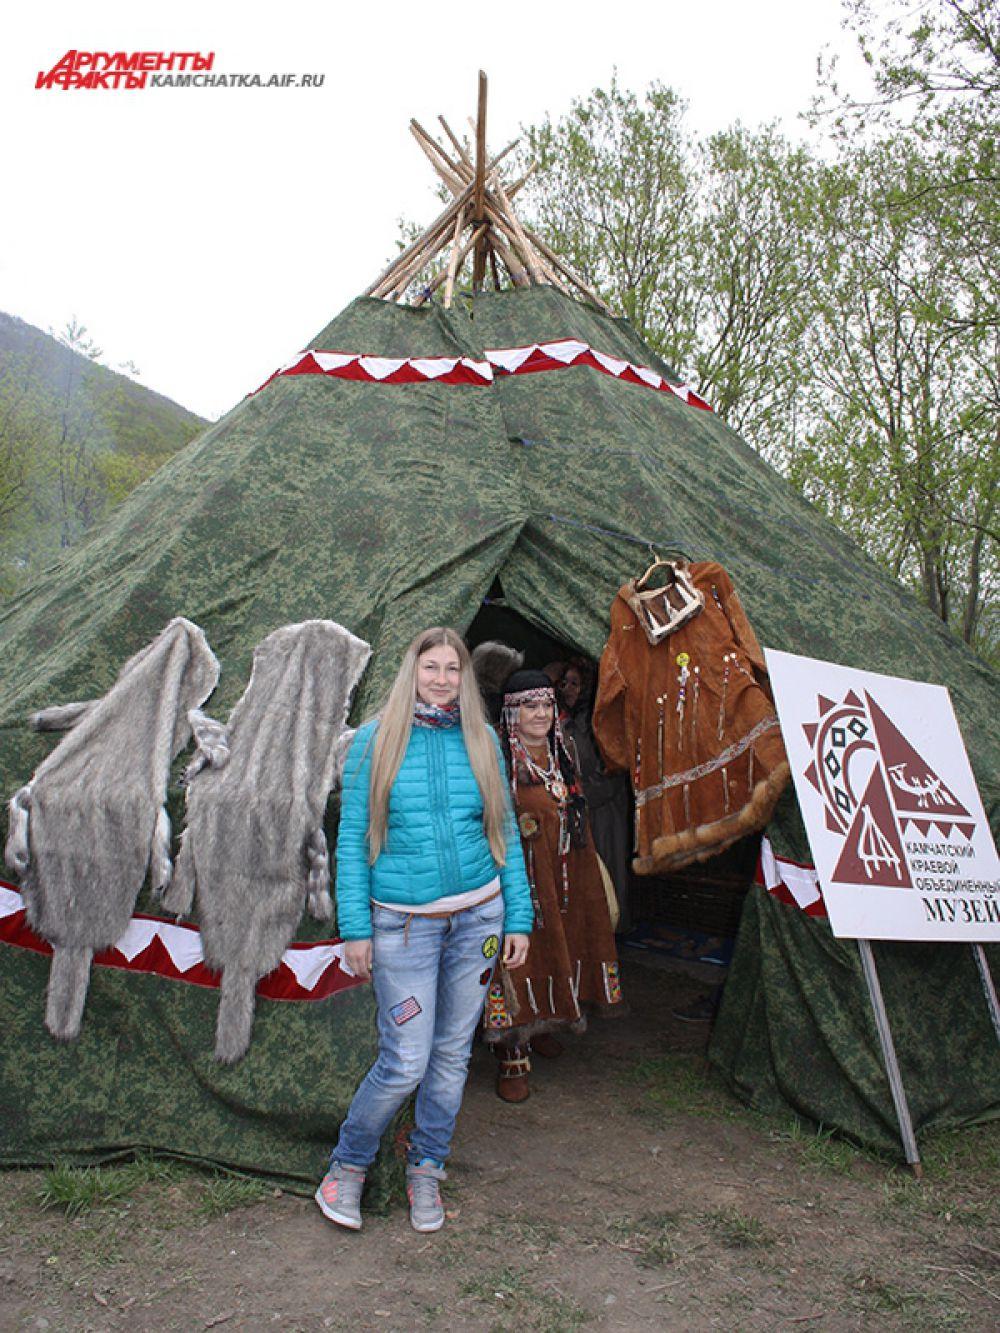 Была организована работа музейной выставки «Орудия лова камчатских аборигенов».